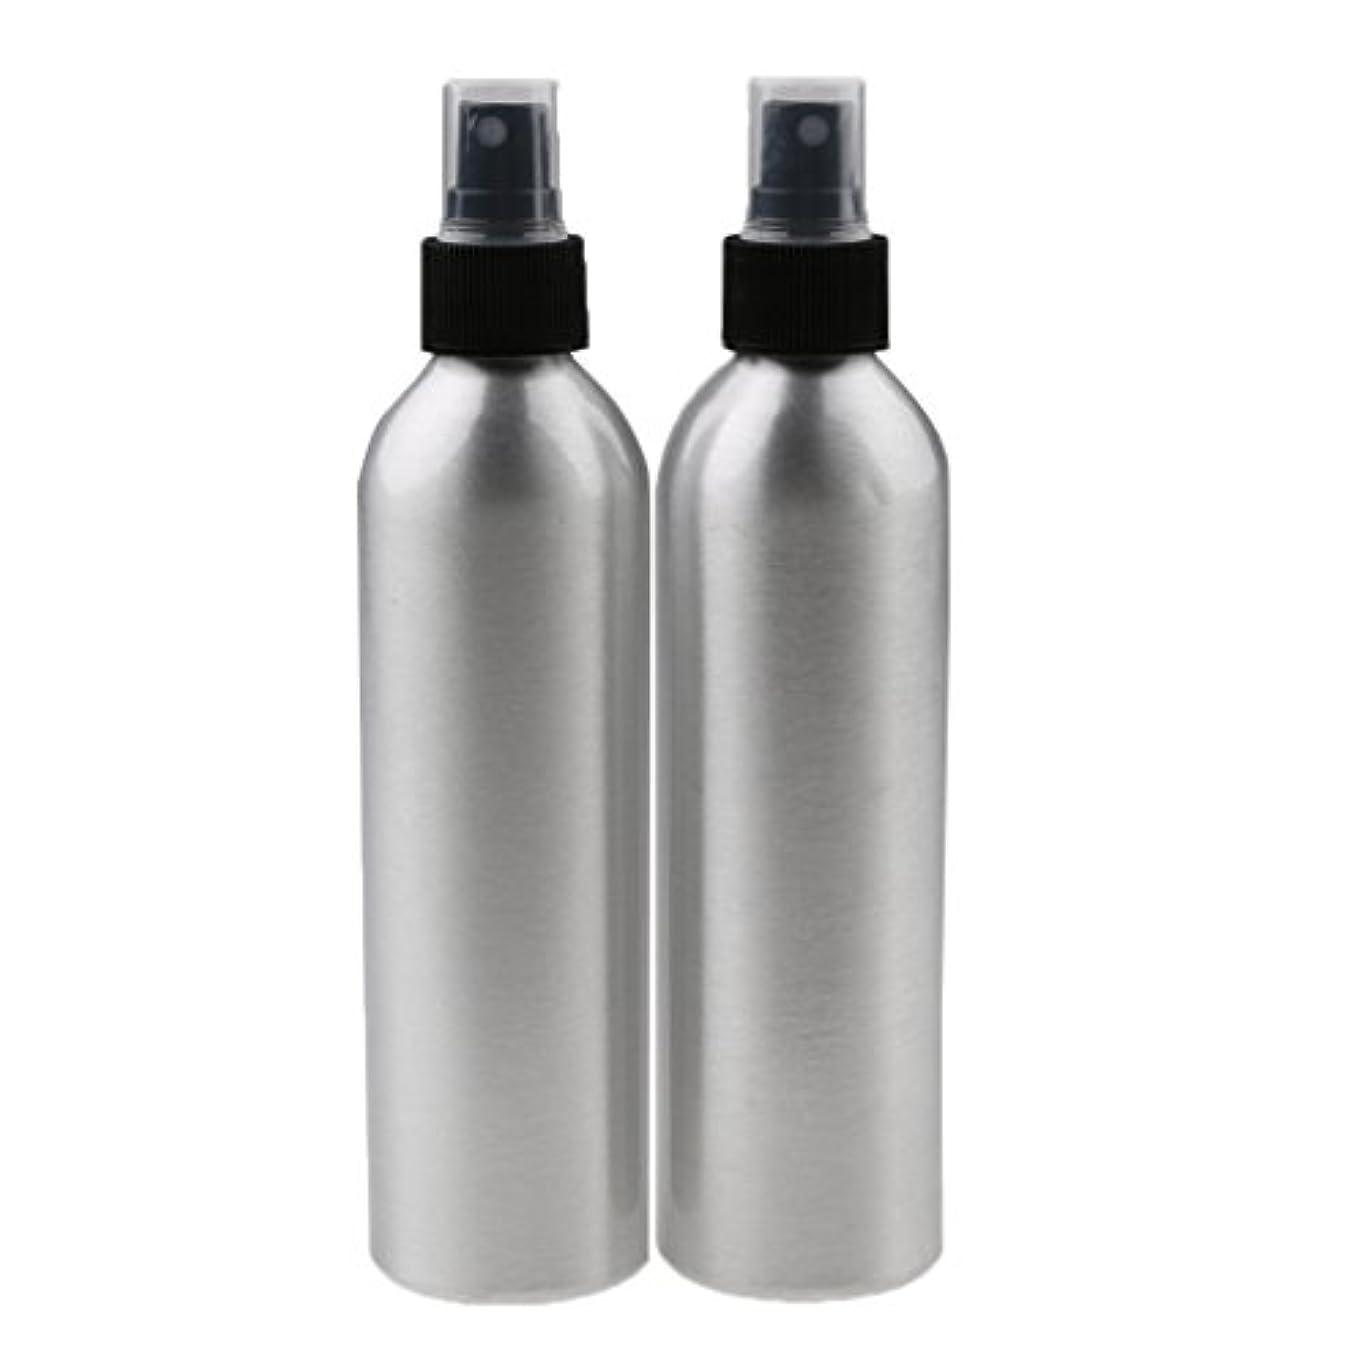 いうピルファー船形Lovoski 2個入り 旅行 アルミ ミスト スプレー 香水ボトル メイクアップ スプレー アトマイザー 香水瓶 携帯用 軽量 便利  全4サイズ - 100ml